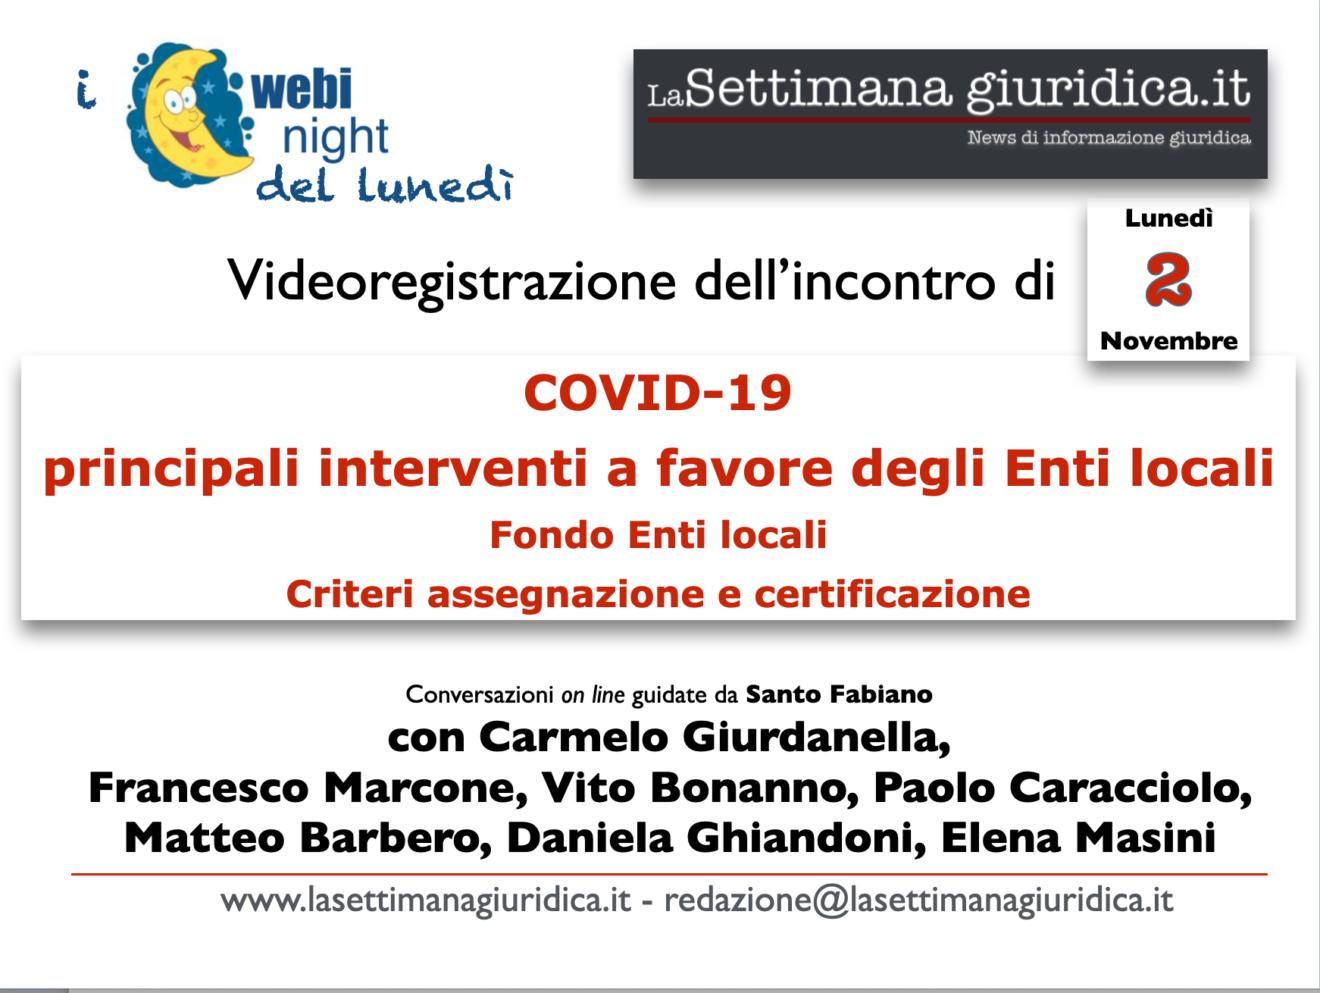 videoregistrazione del webynight del 2 novembre: gli stanziamenti Covid per gli enti locali